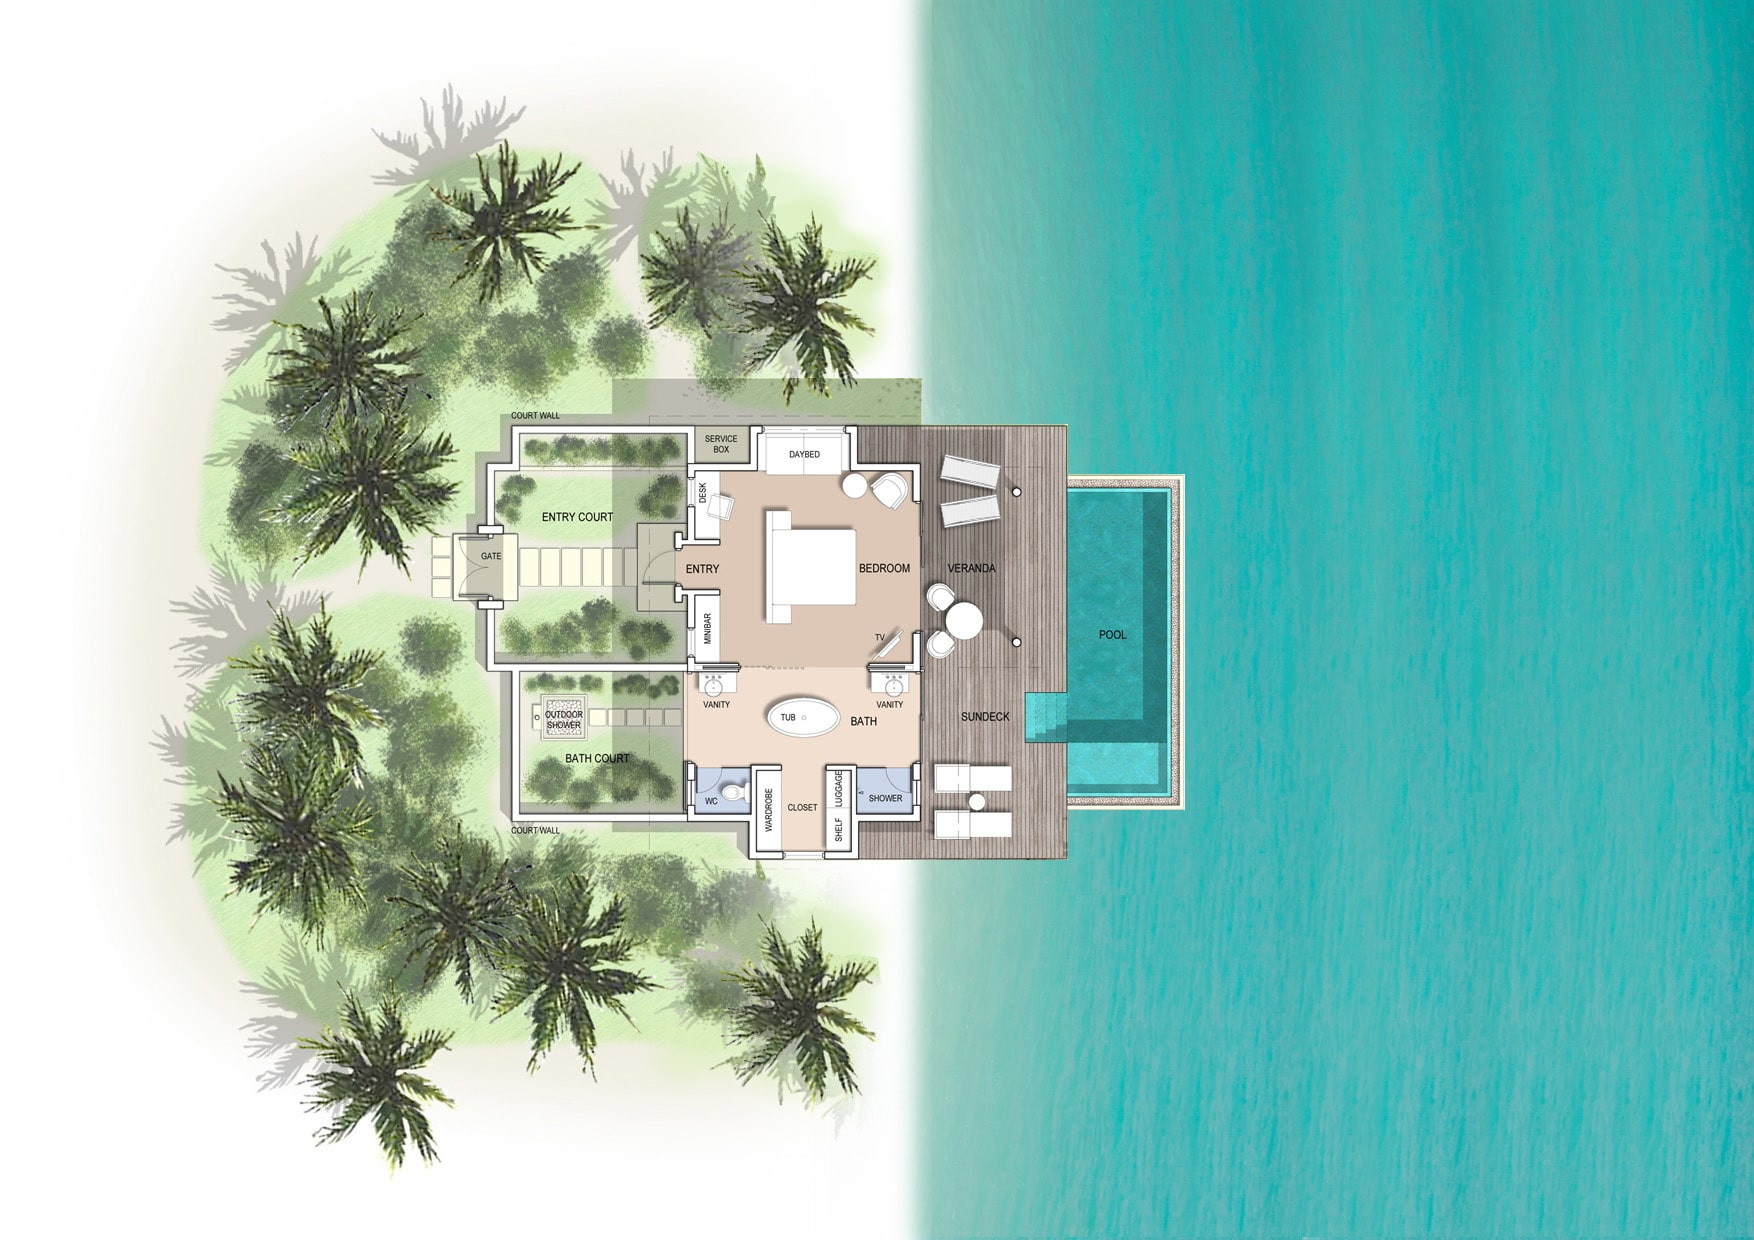 Мальдивы, отель Kuramathi Maldives, план-схема номера Pool Villa